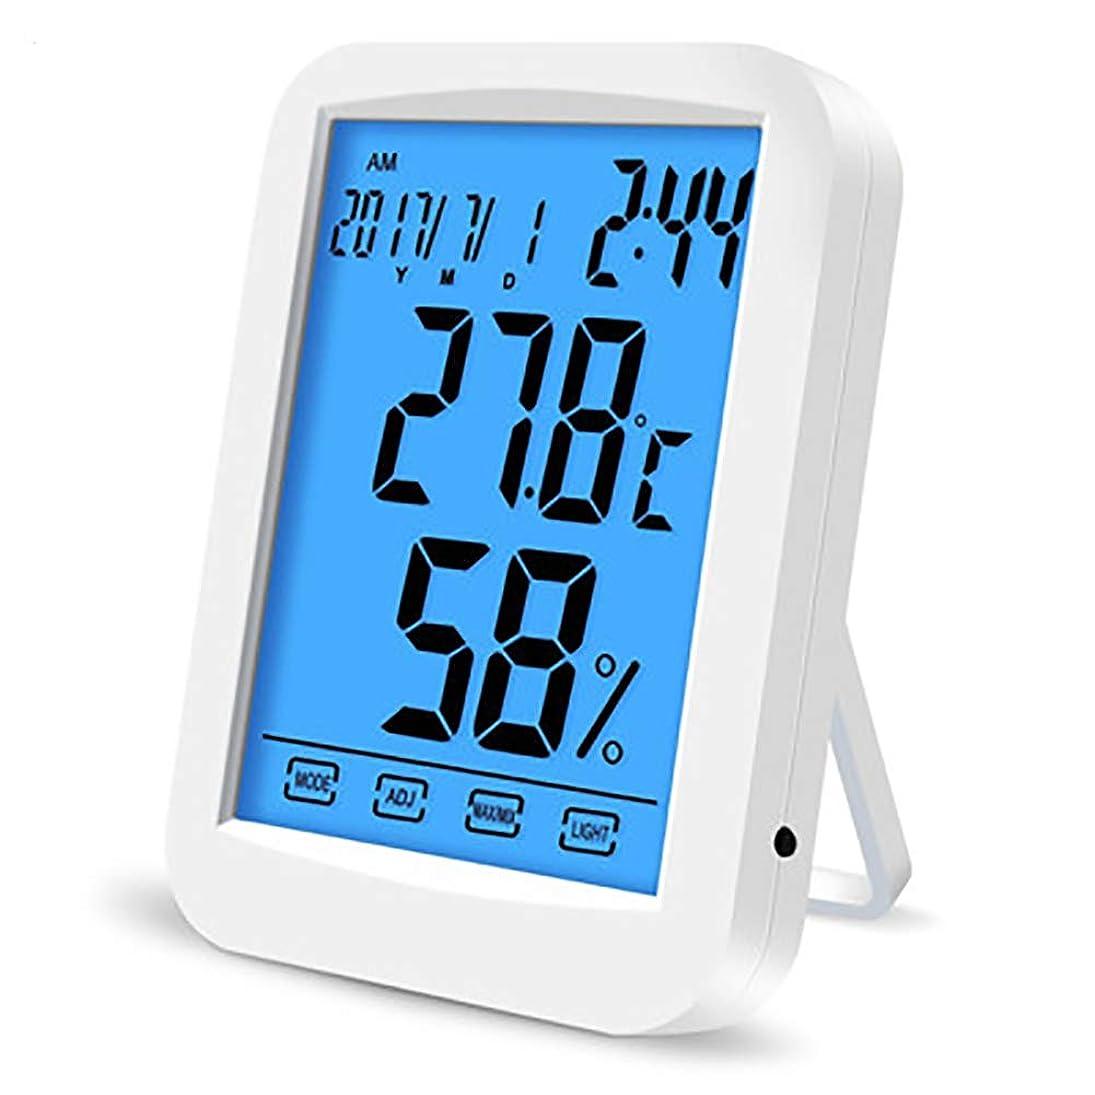 防止敏感な回路デジタル湿度計、温室の庭のワインセラーのための高精度のABS物質的で調節可能な明るさのタッチ画面 - 無線気象の場所